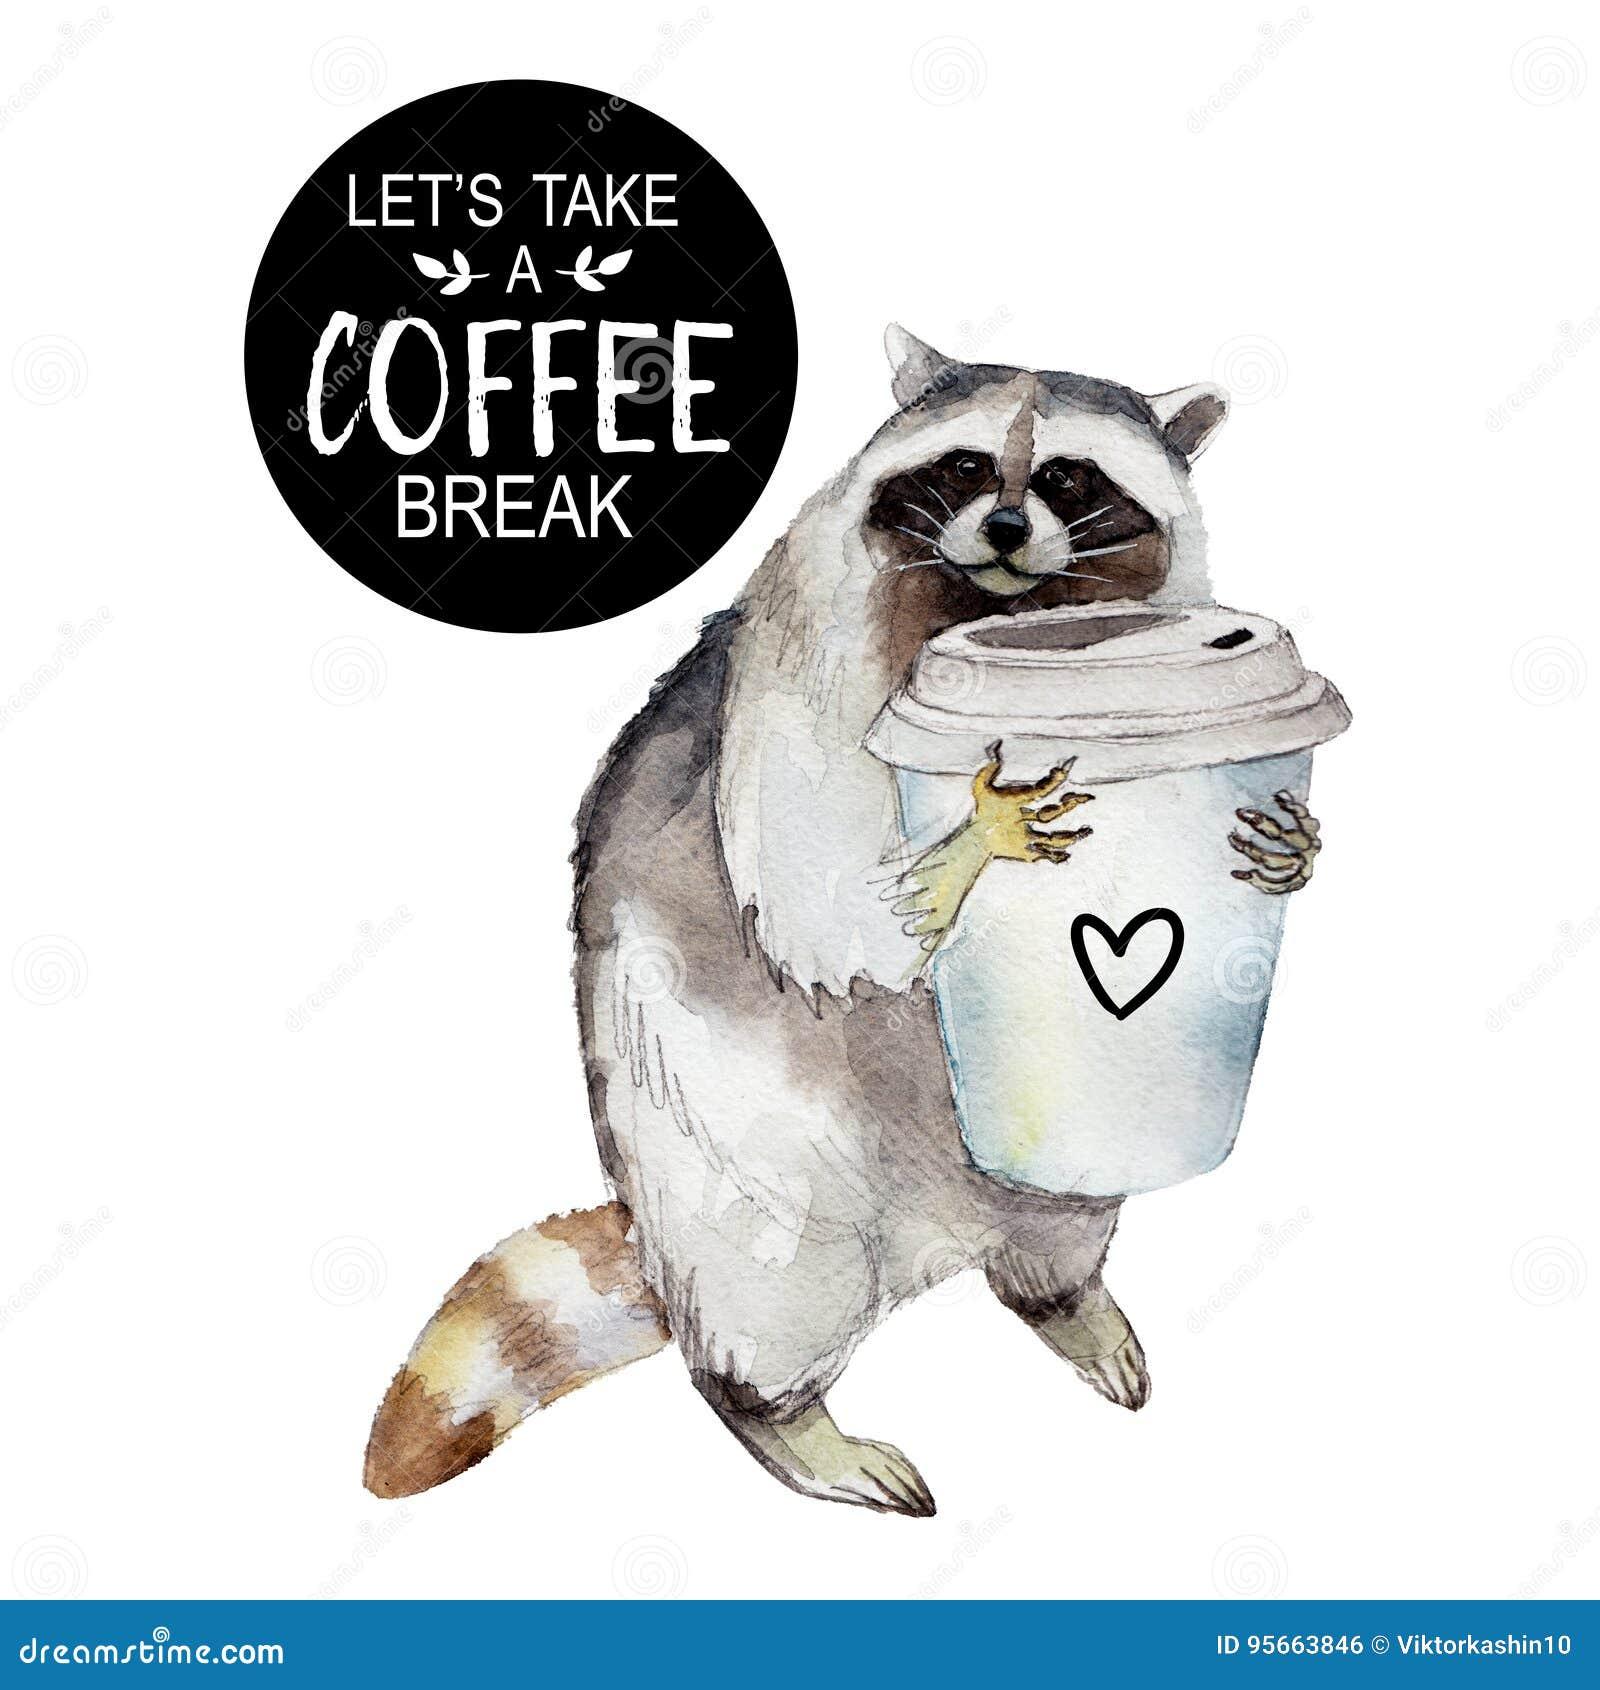 Racoon με την κούπα καφέ και το μοντέρνο σύνθημα, ζωικός χαρακτήρας που απομονώνεται στο λευκό